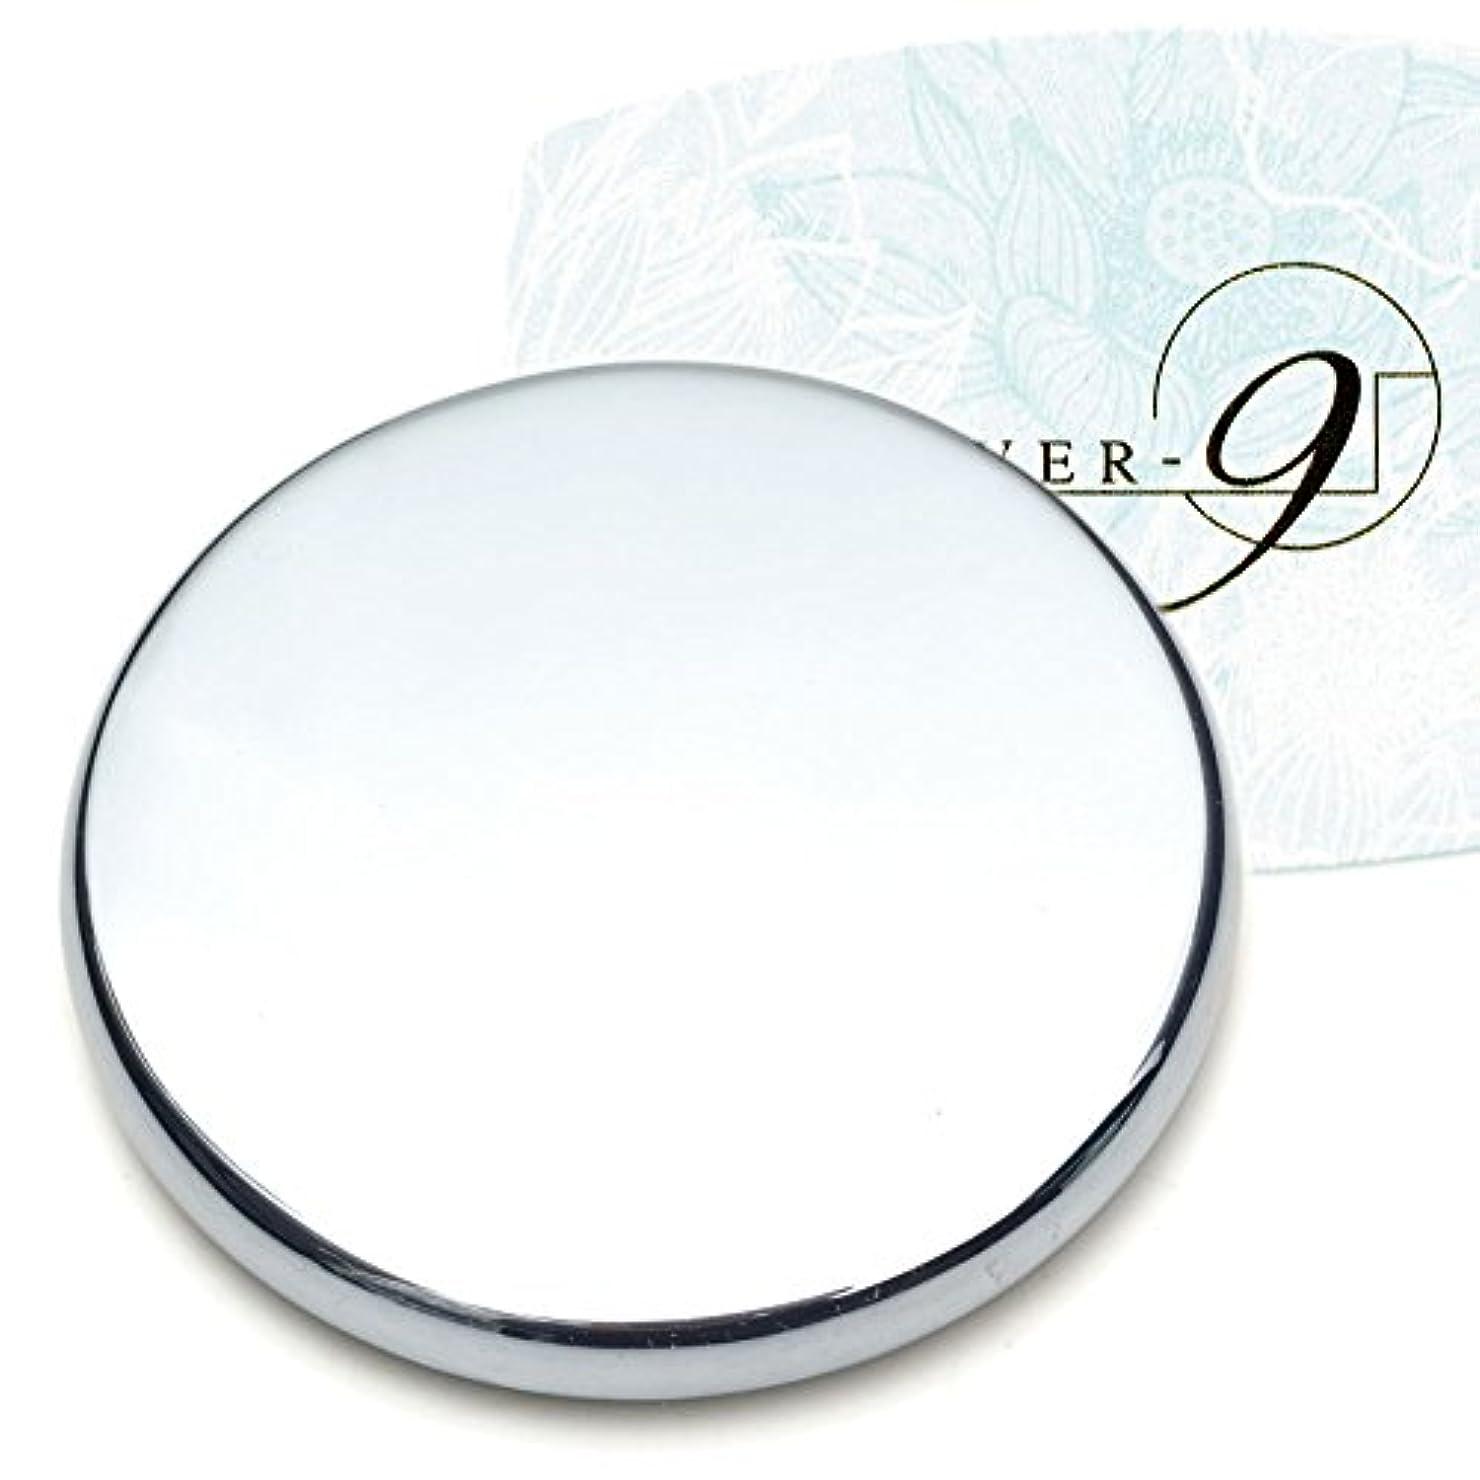 辛なヘビー摘む[OVER-9®] テラヘルツ鉱石 エステ用 丸型 円盤 プレート 公的機関にて検査済み!パワーストーン 天然石 健康 美容 美顔 かっさ グッズ お風呂